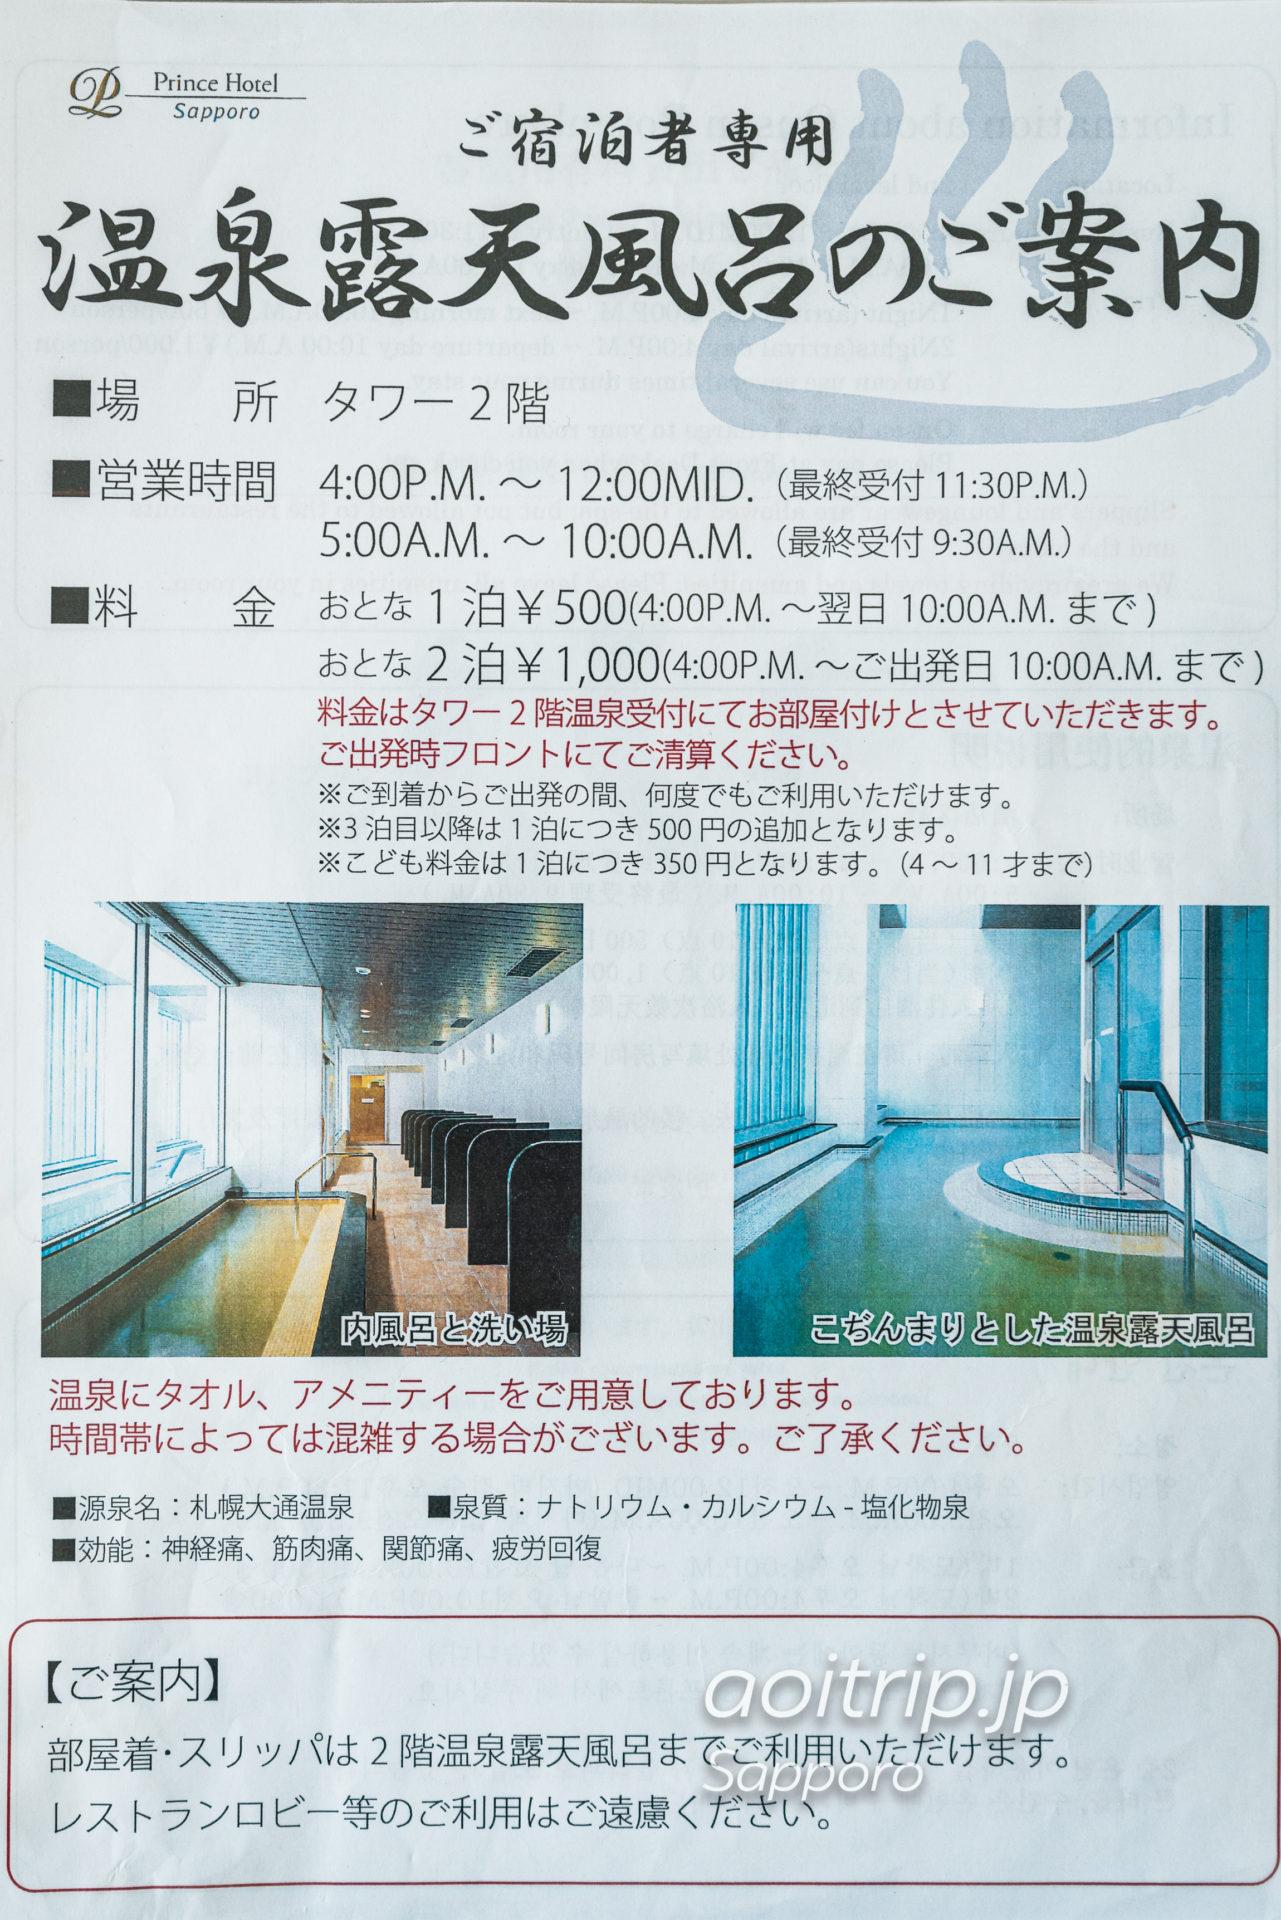 札幌プリンスホテルの温泉露天風呂